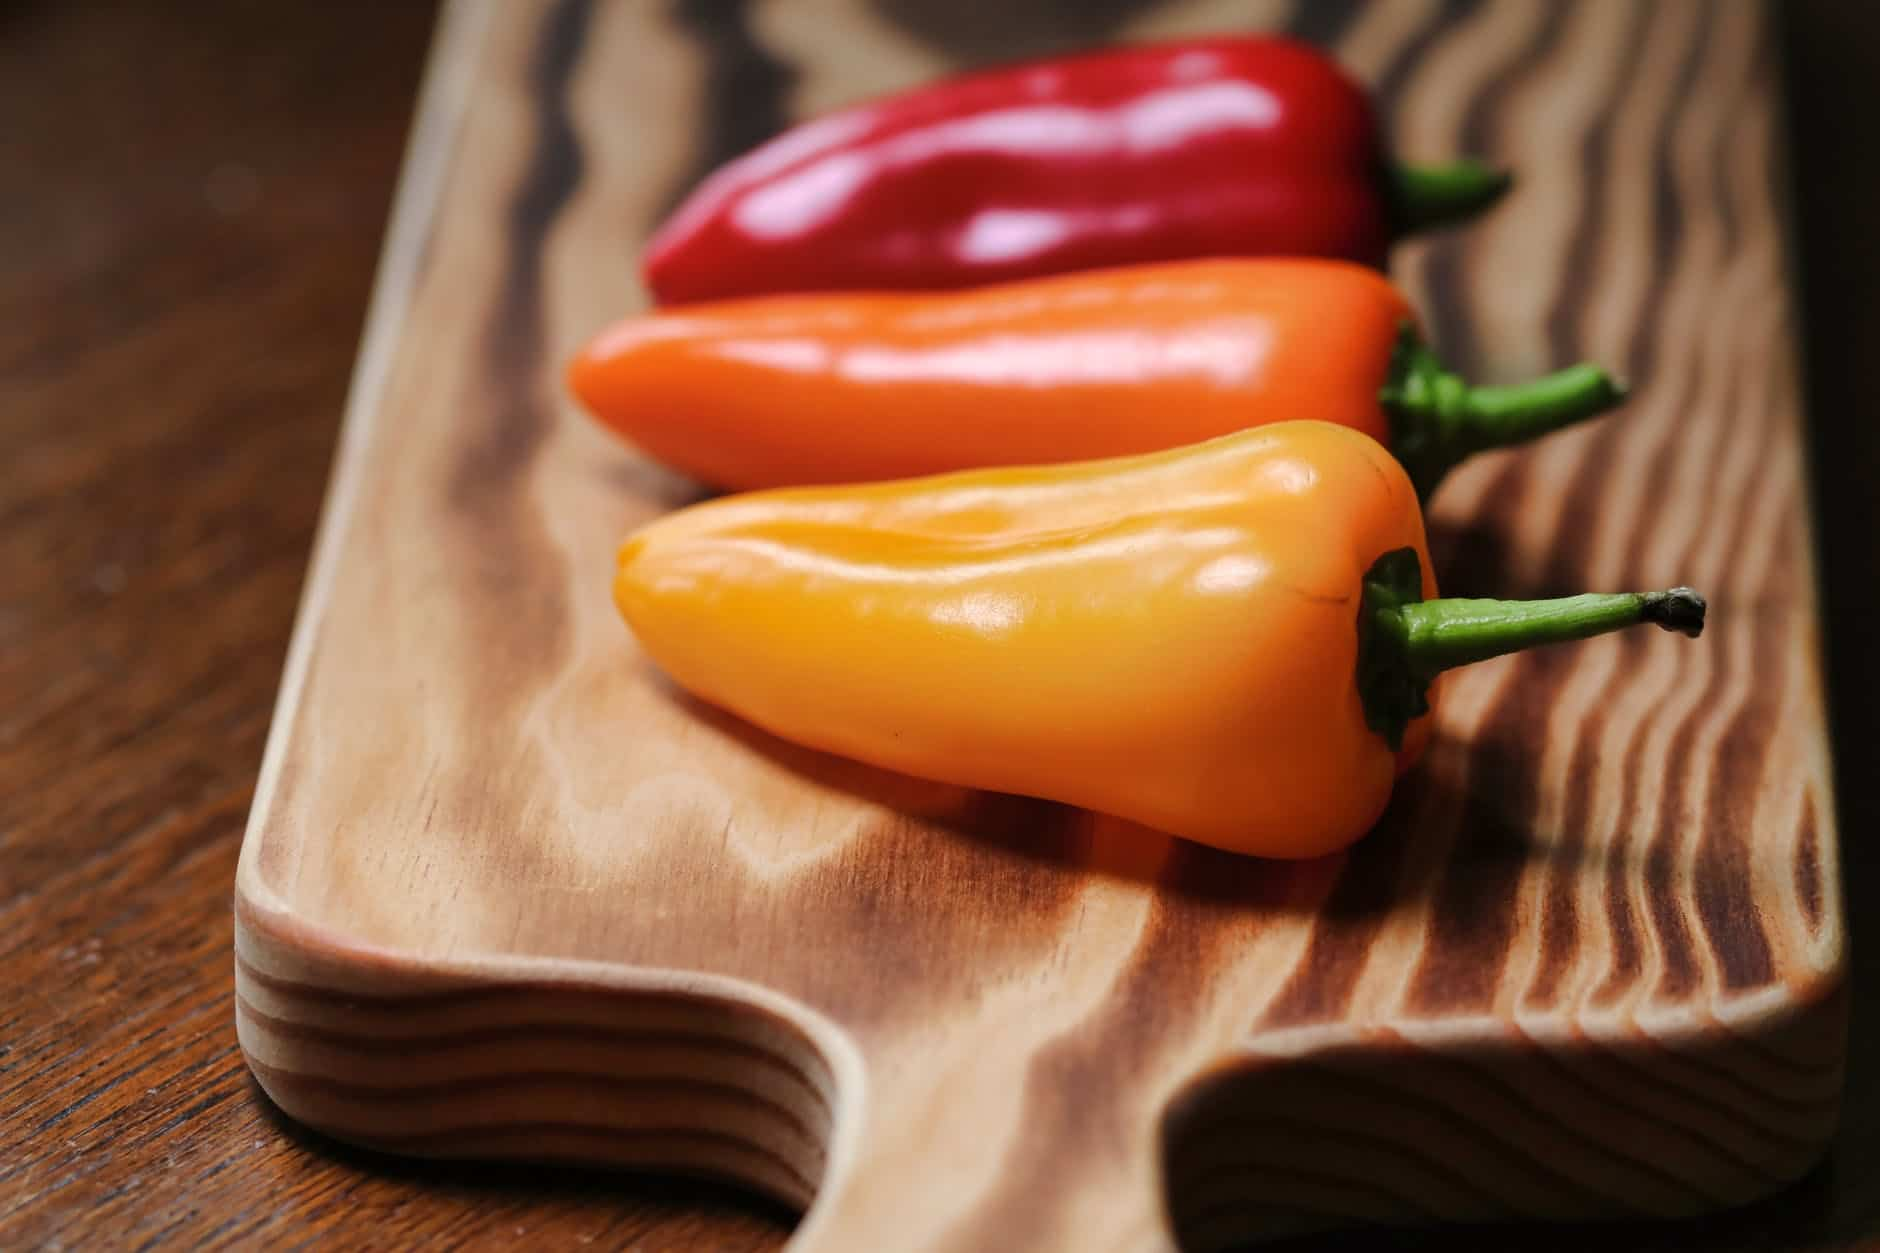 how long do bell peppers last in the fridge